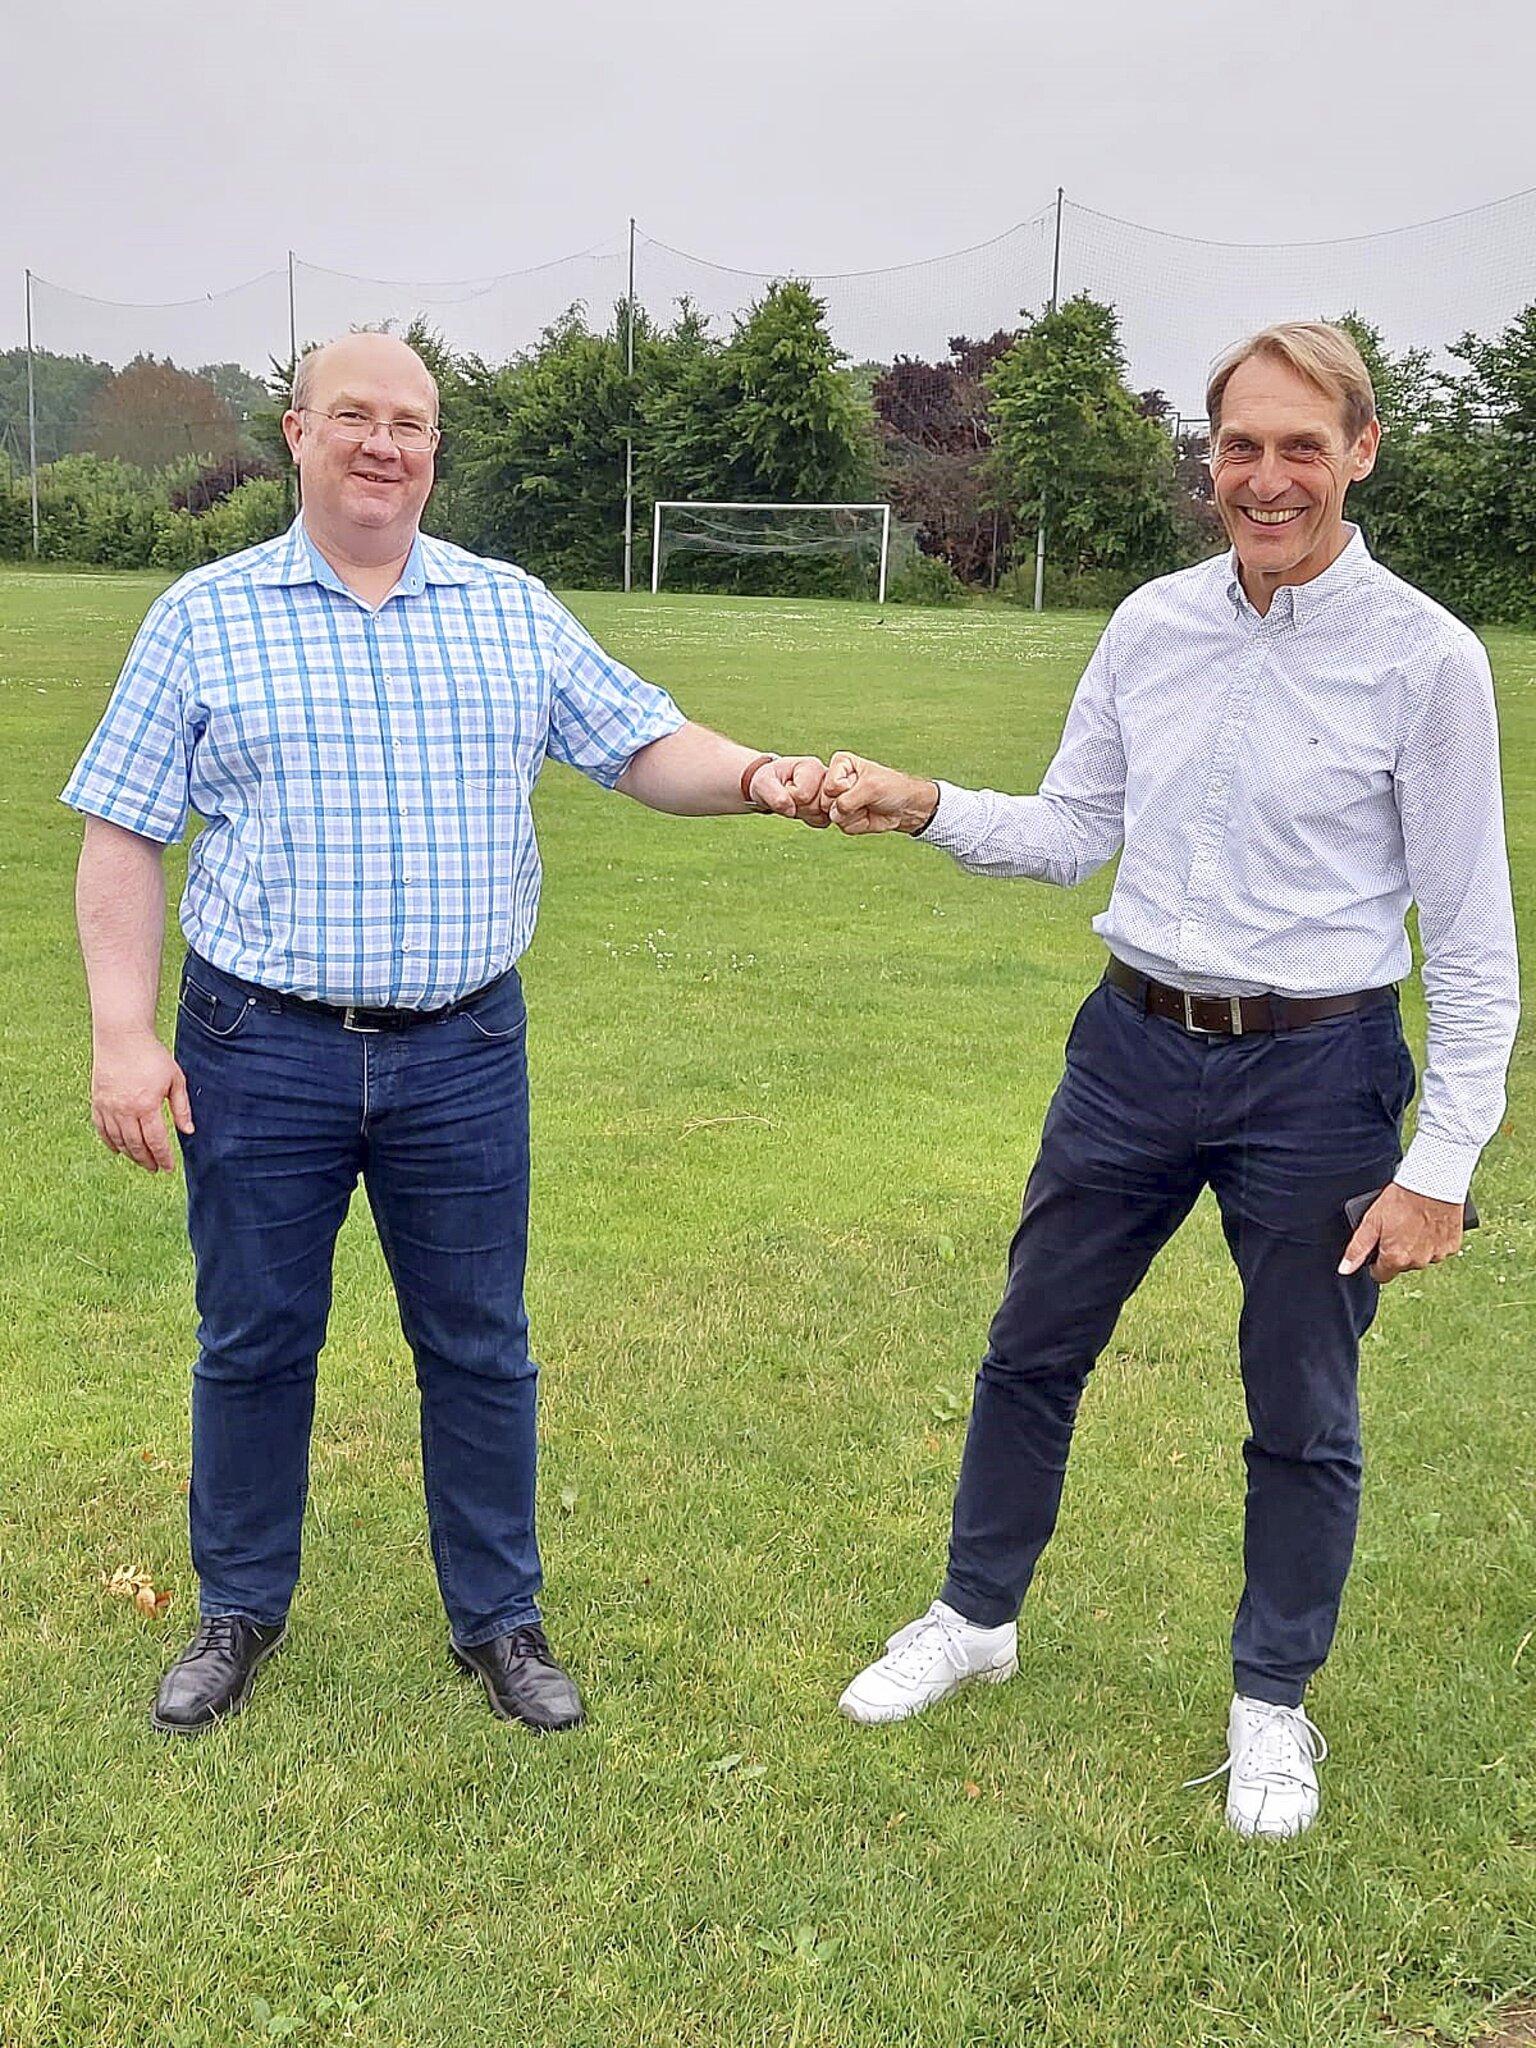 BSV und SV Ottensen:                                                                  Ein gemeinsamer Weg beim Jugendfußball